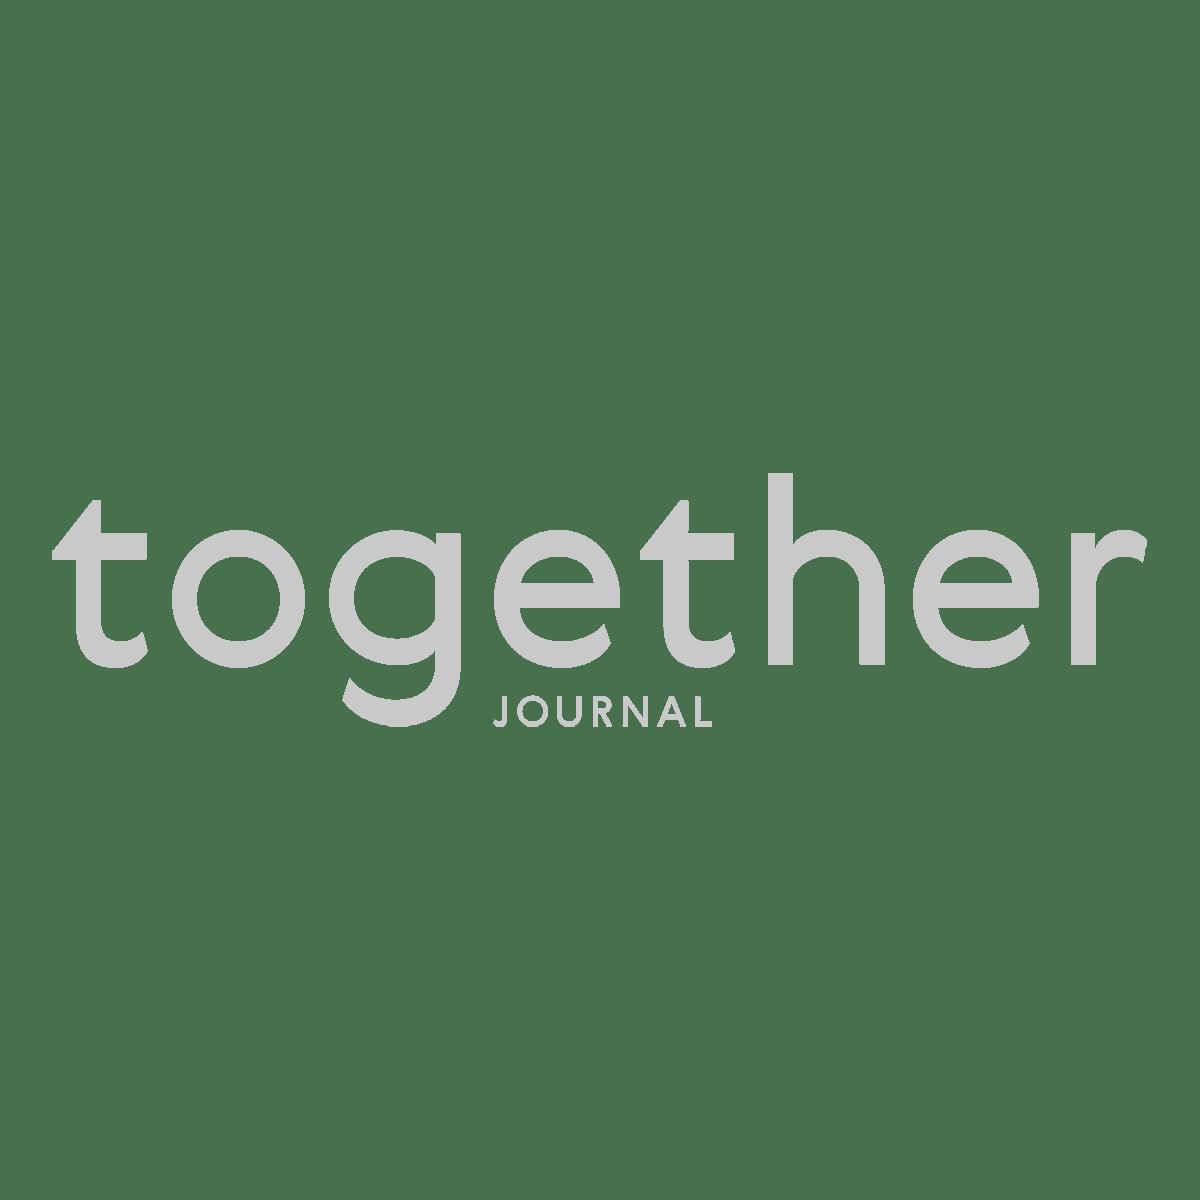 Together Journal Logo